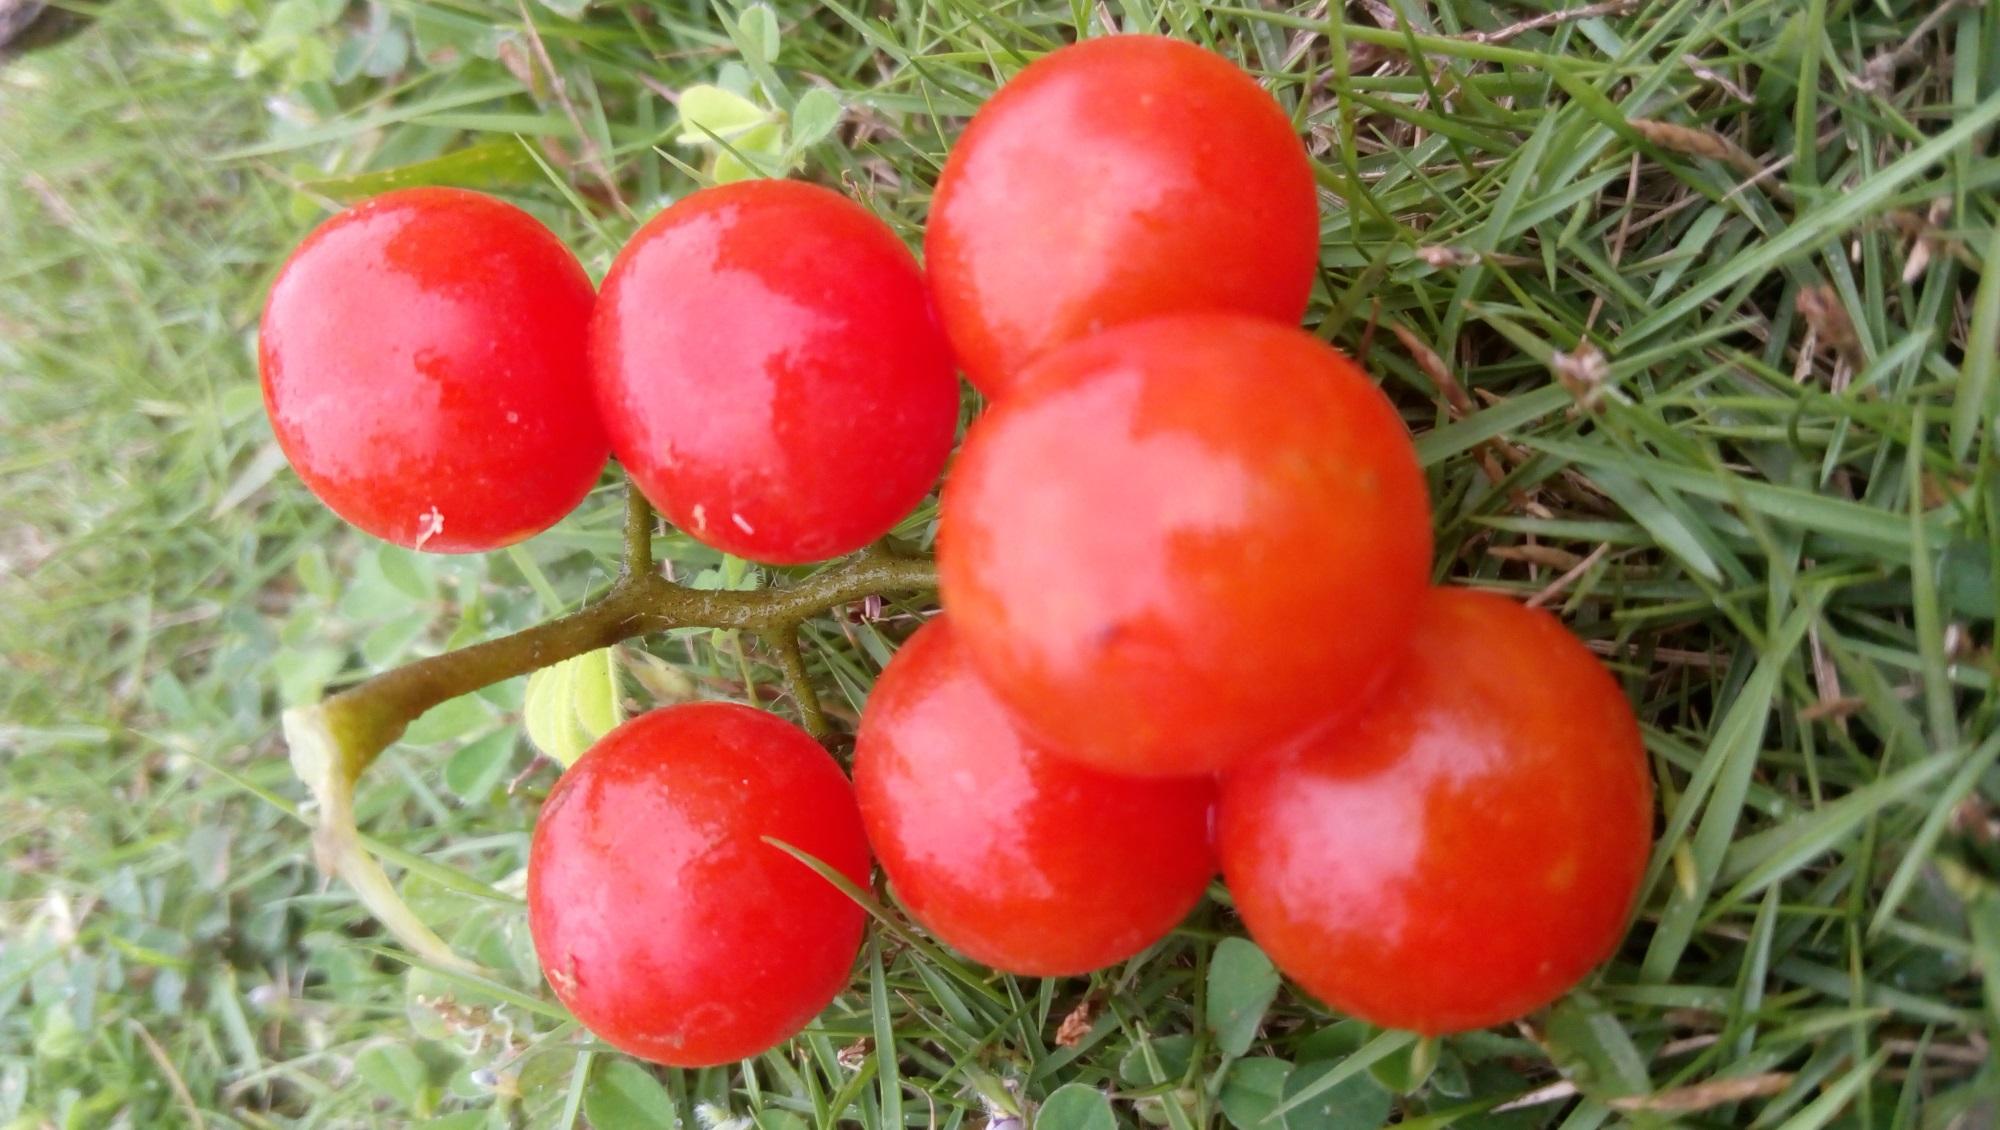 8 loại trái cây và rau không nên bảo quản trong tủ lạnh - Ảnh 1